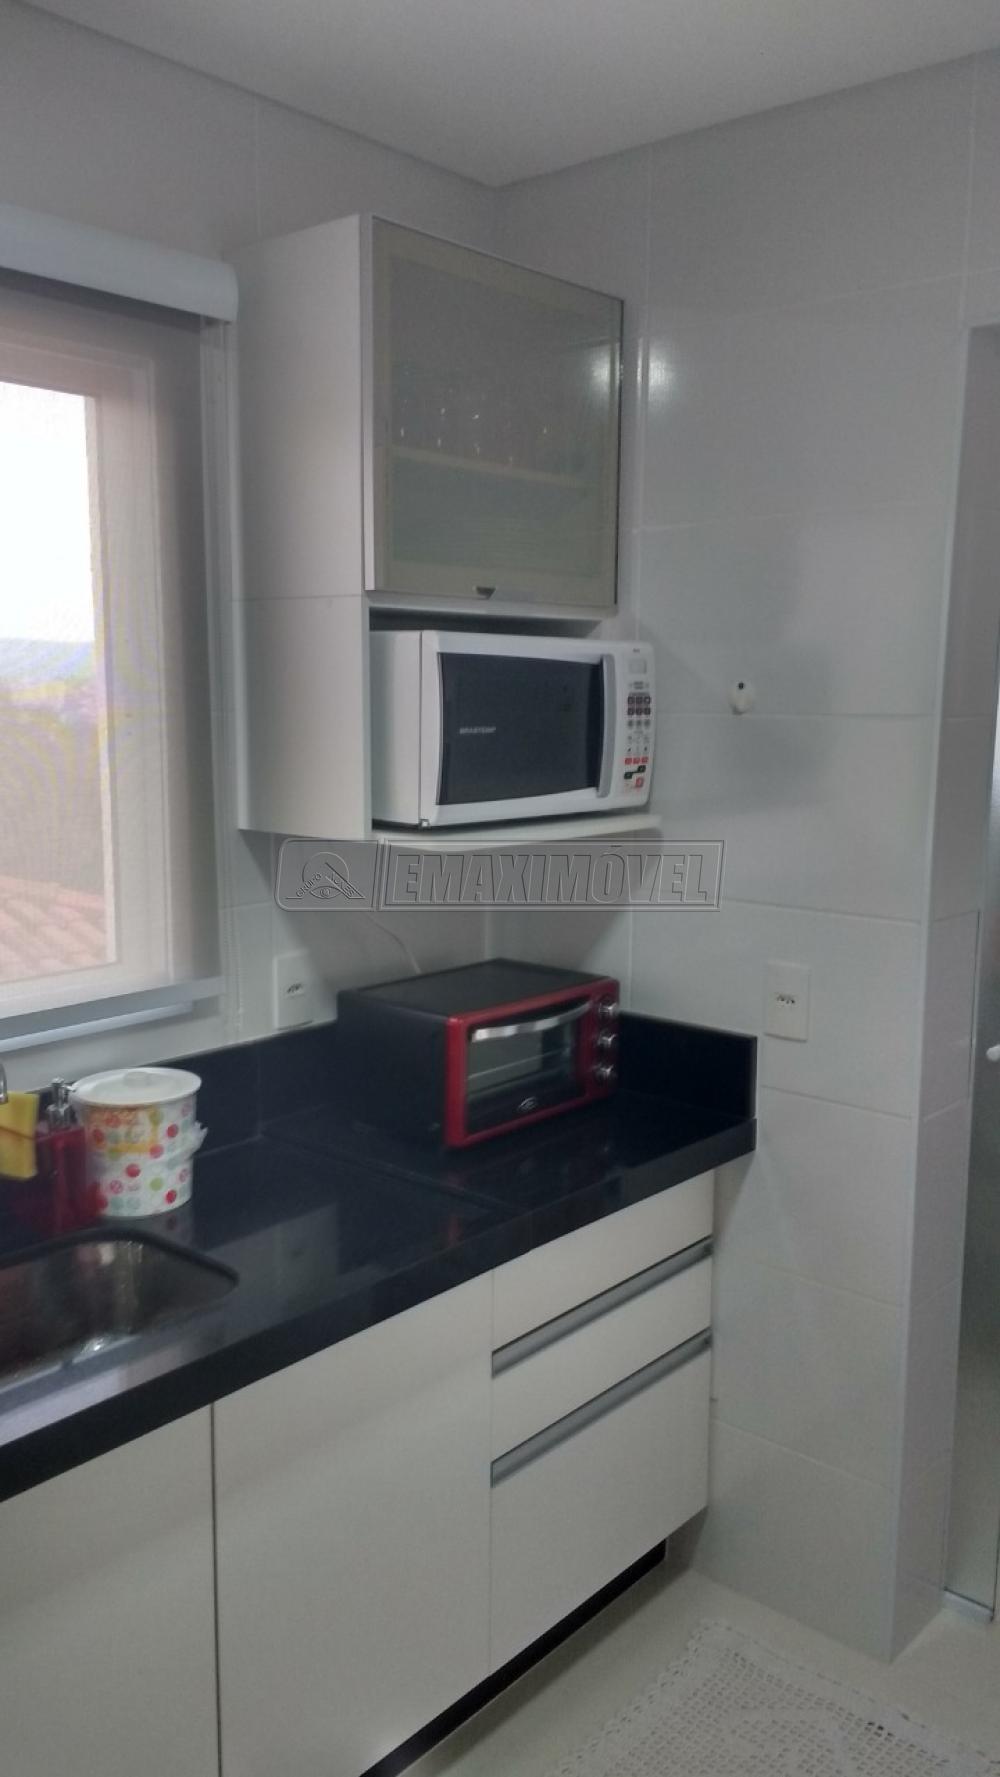 Comprar Apartamento / Padrão em Sorocaba R$ 230.000,00 - Foto 6